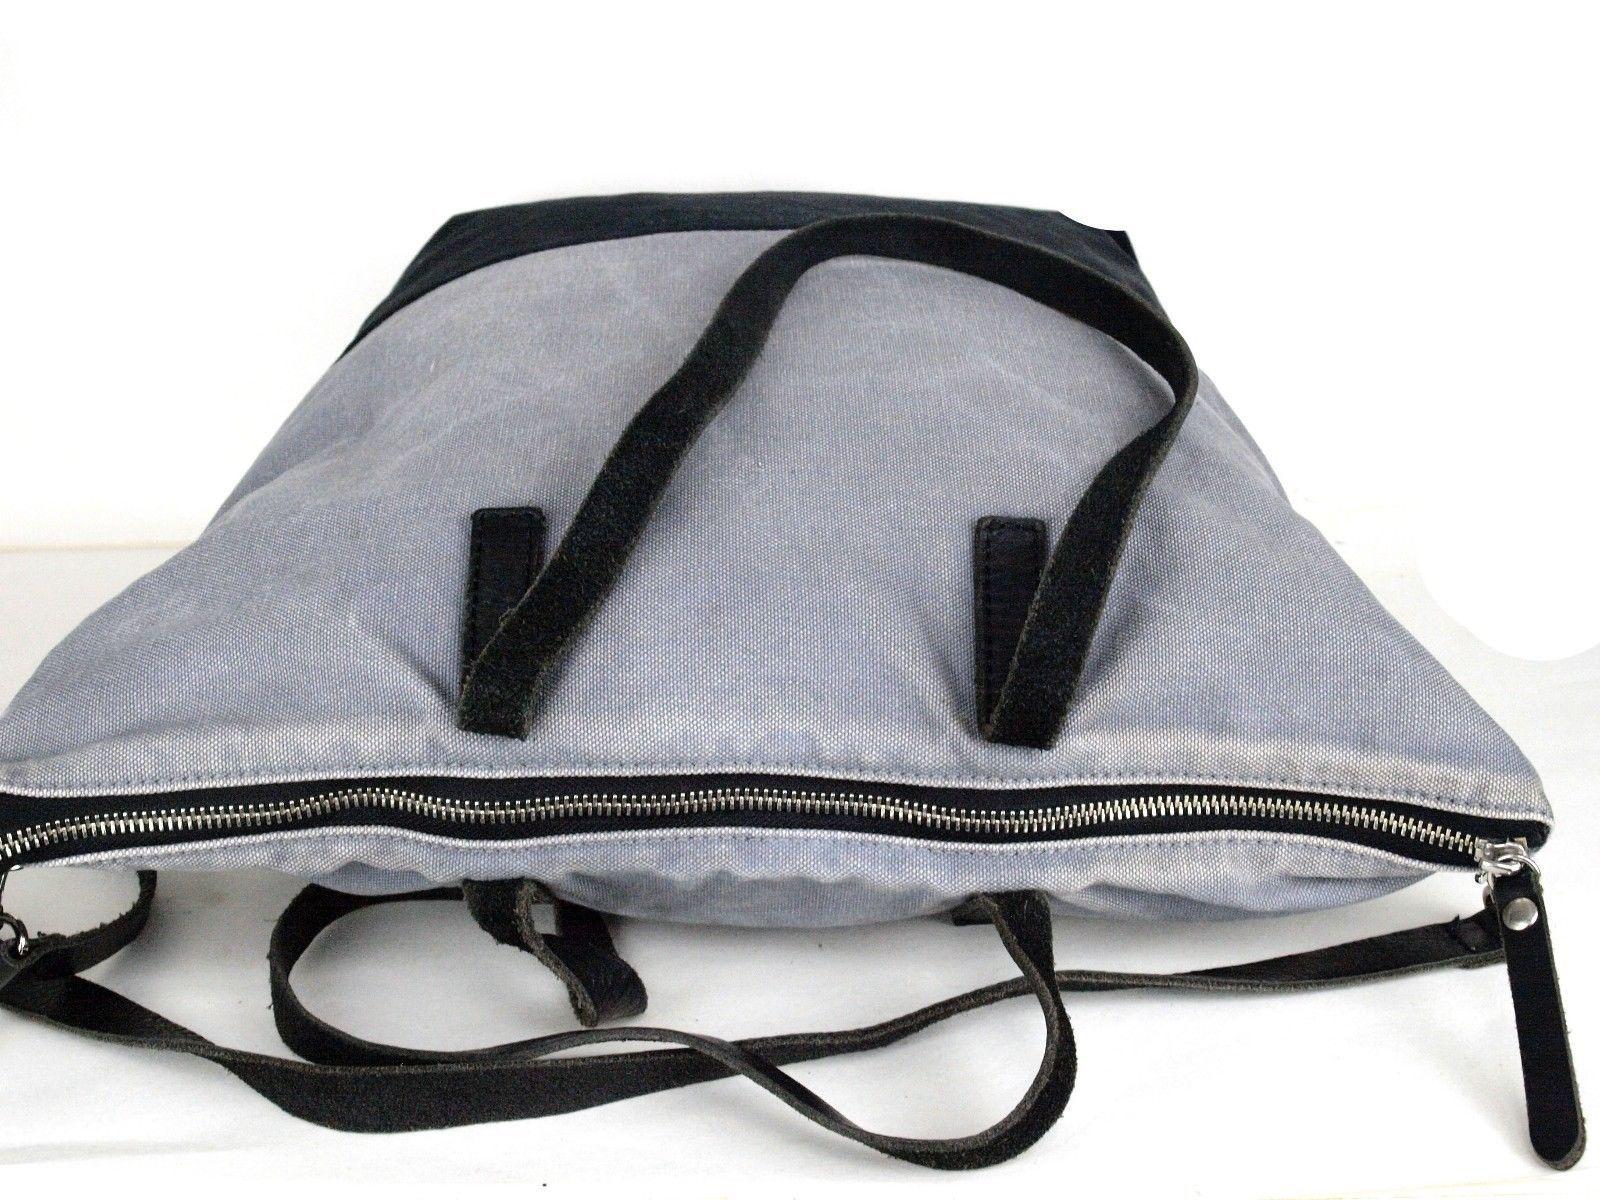 849a67fbd08b Auth BURBERRY BLACK LABEL Cotton Canvas   Black Leather 2 Way Shoulder Hand  Bag